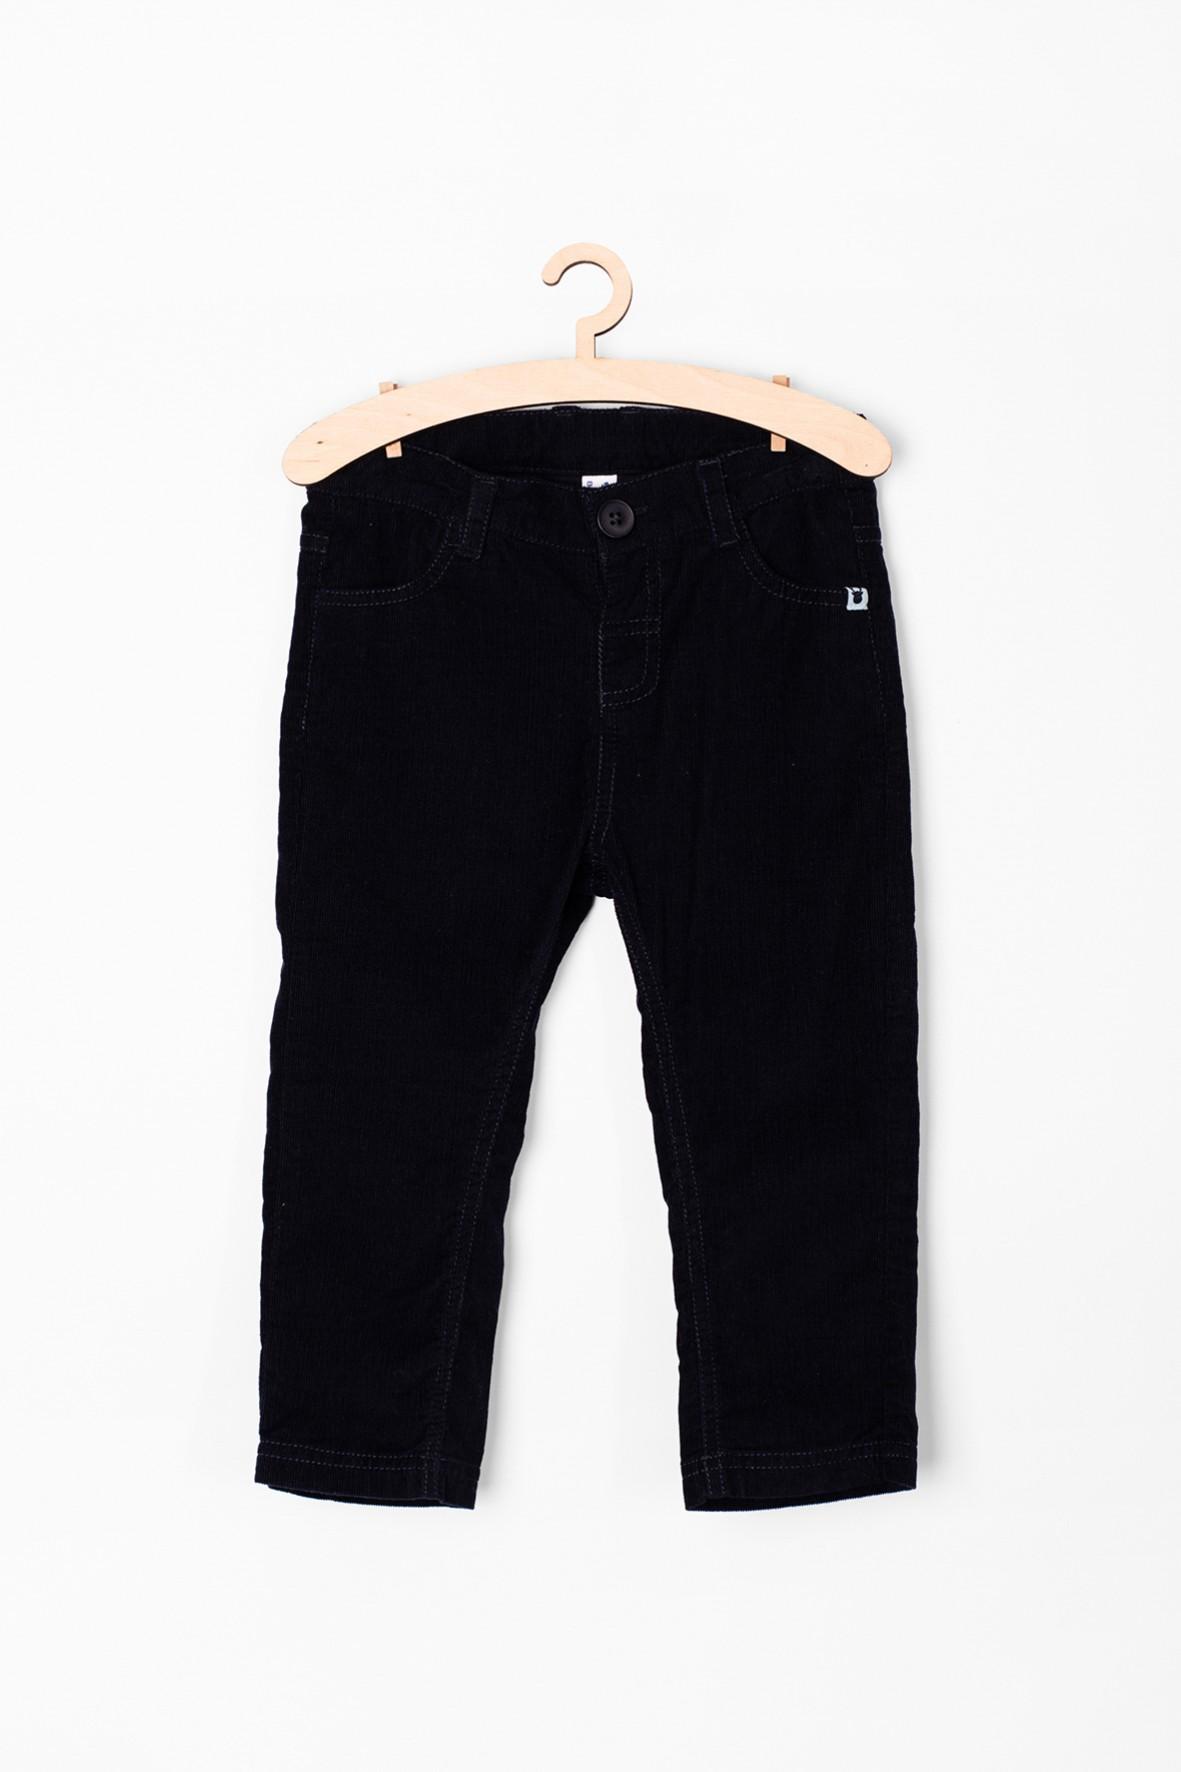 Spodnie dla niemowlaka